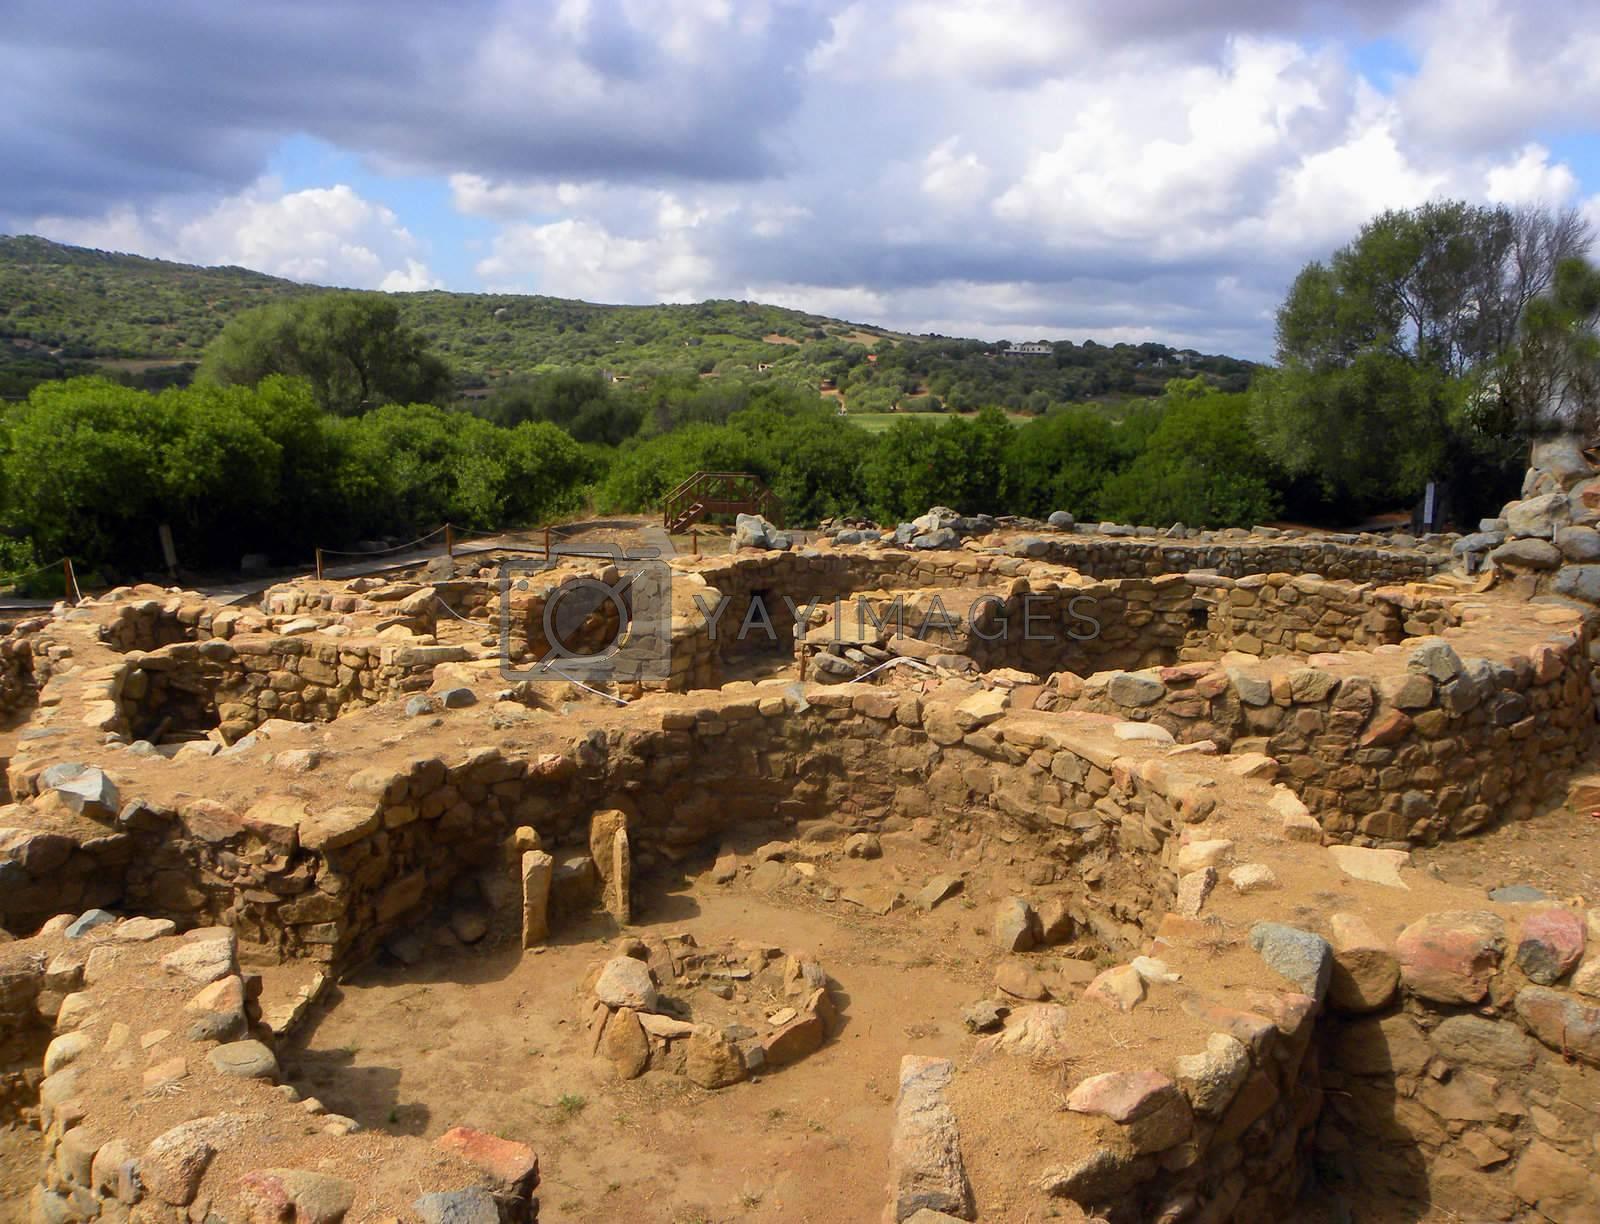 ancient village Nuraghe in Sardinia